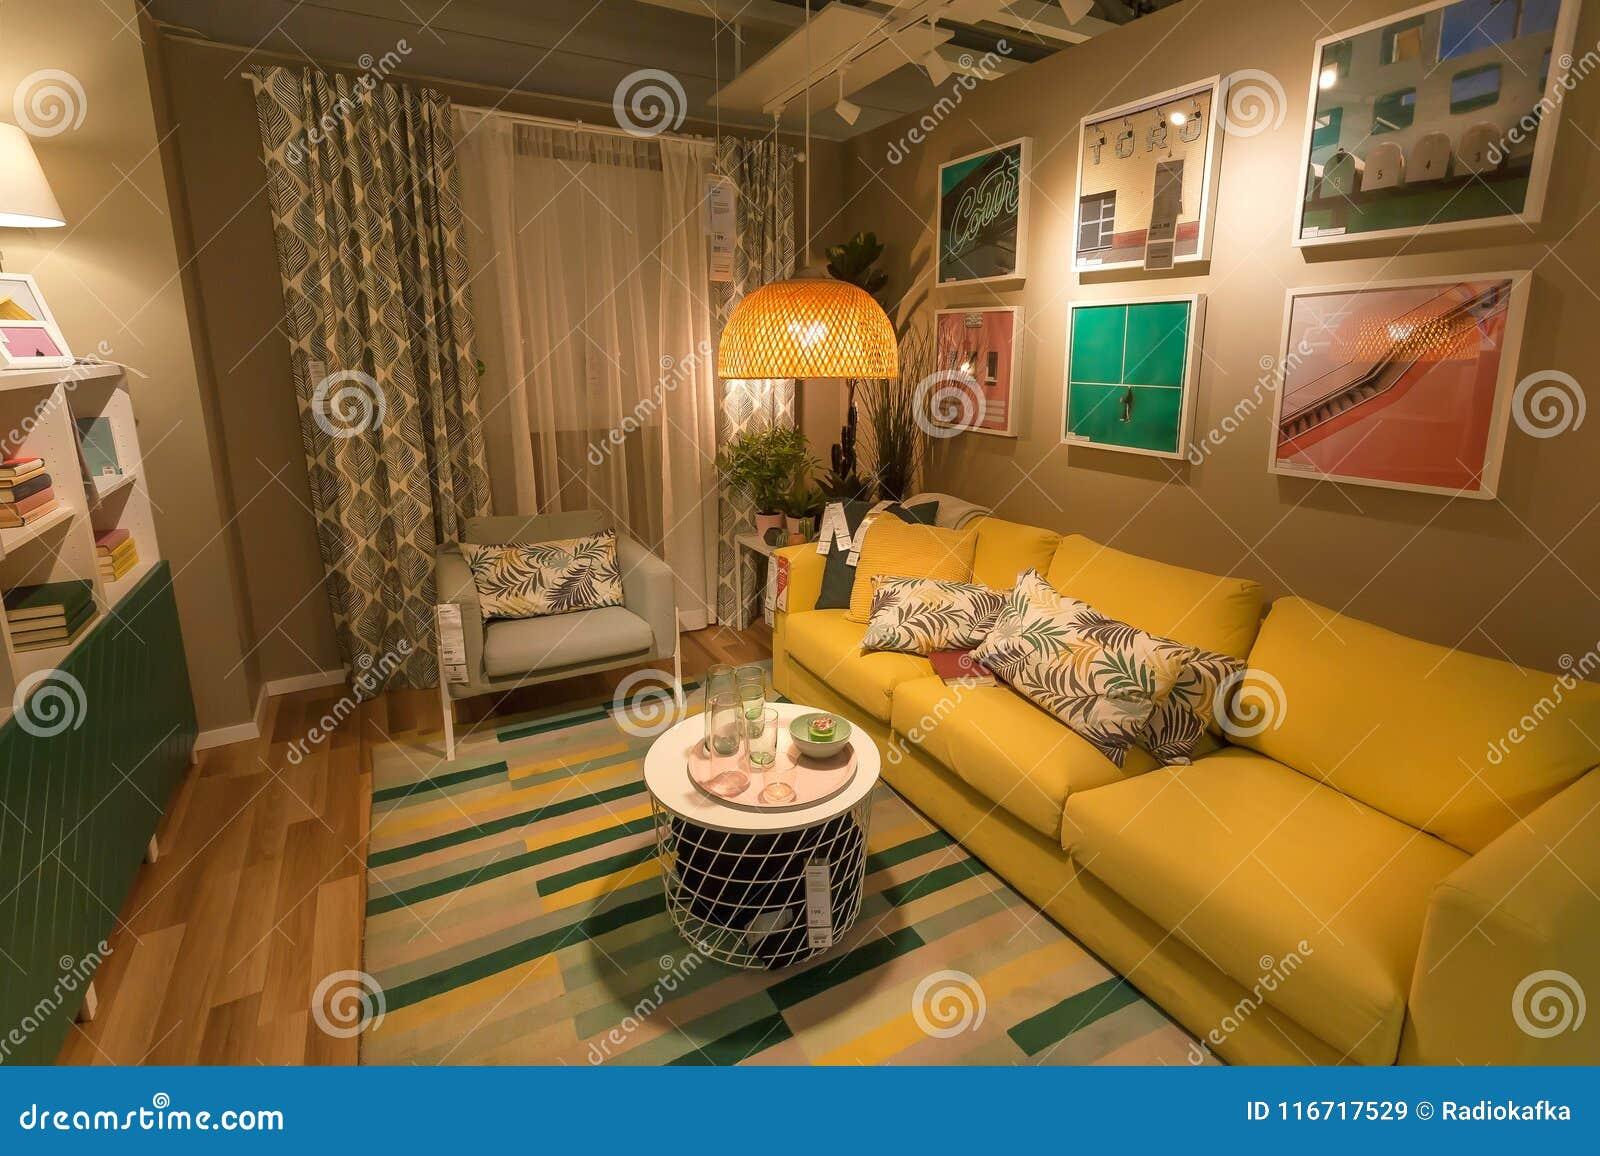 Leuke Moderne Woonkamer In Grote IKEA-opslag Met Bank, Meubilair ...